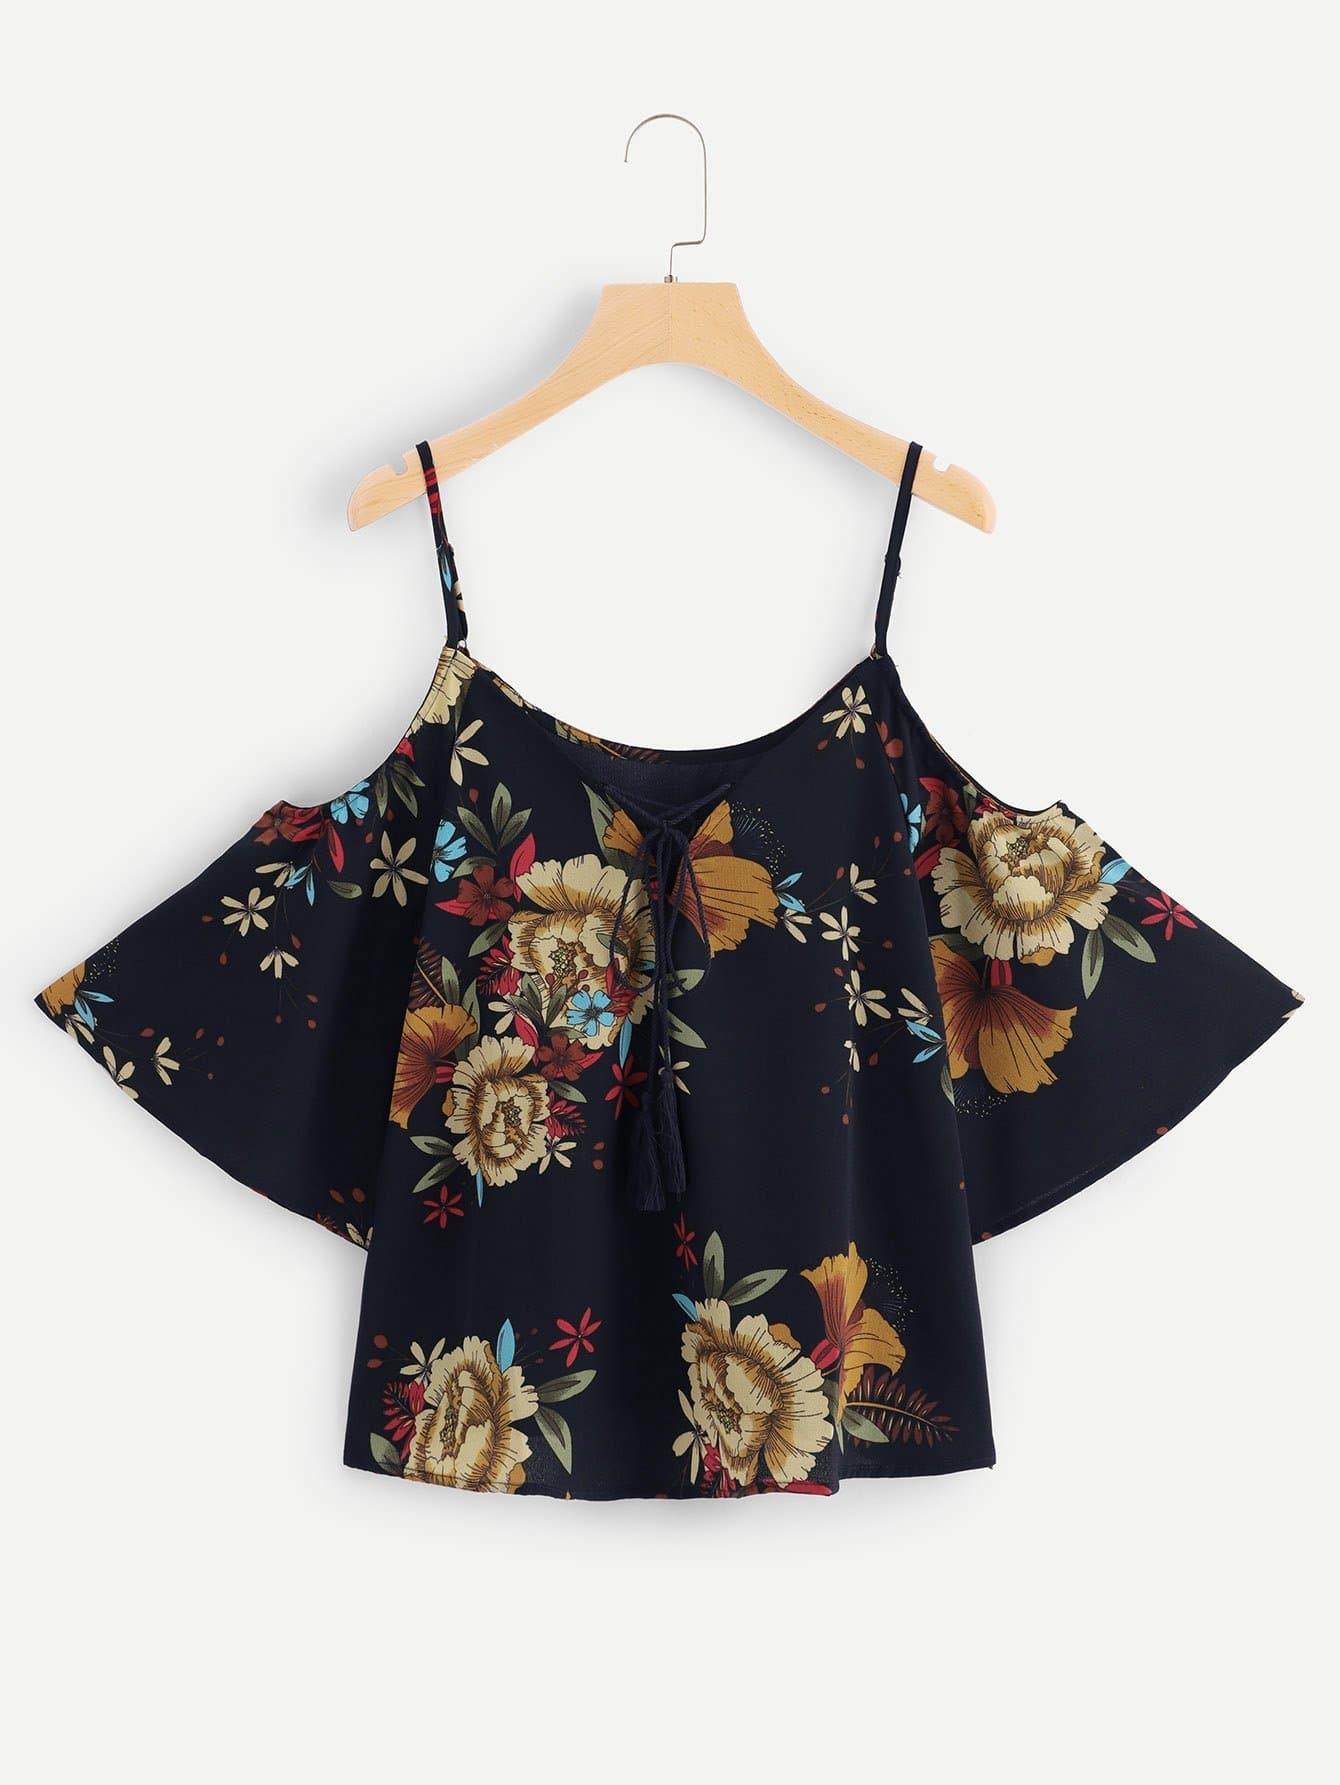 Open Shoulder Floral Print Lace Up Top